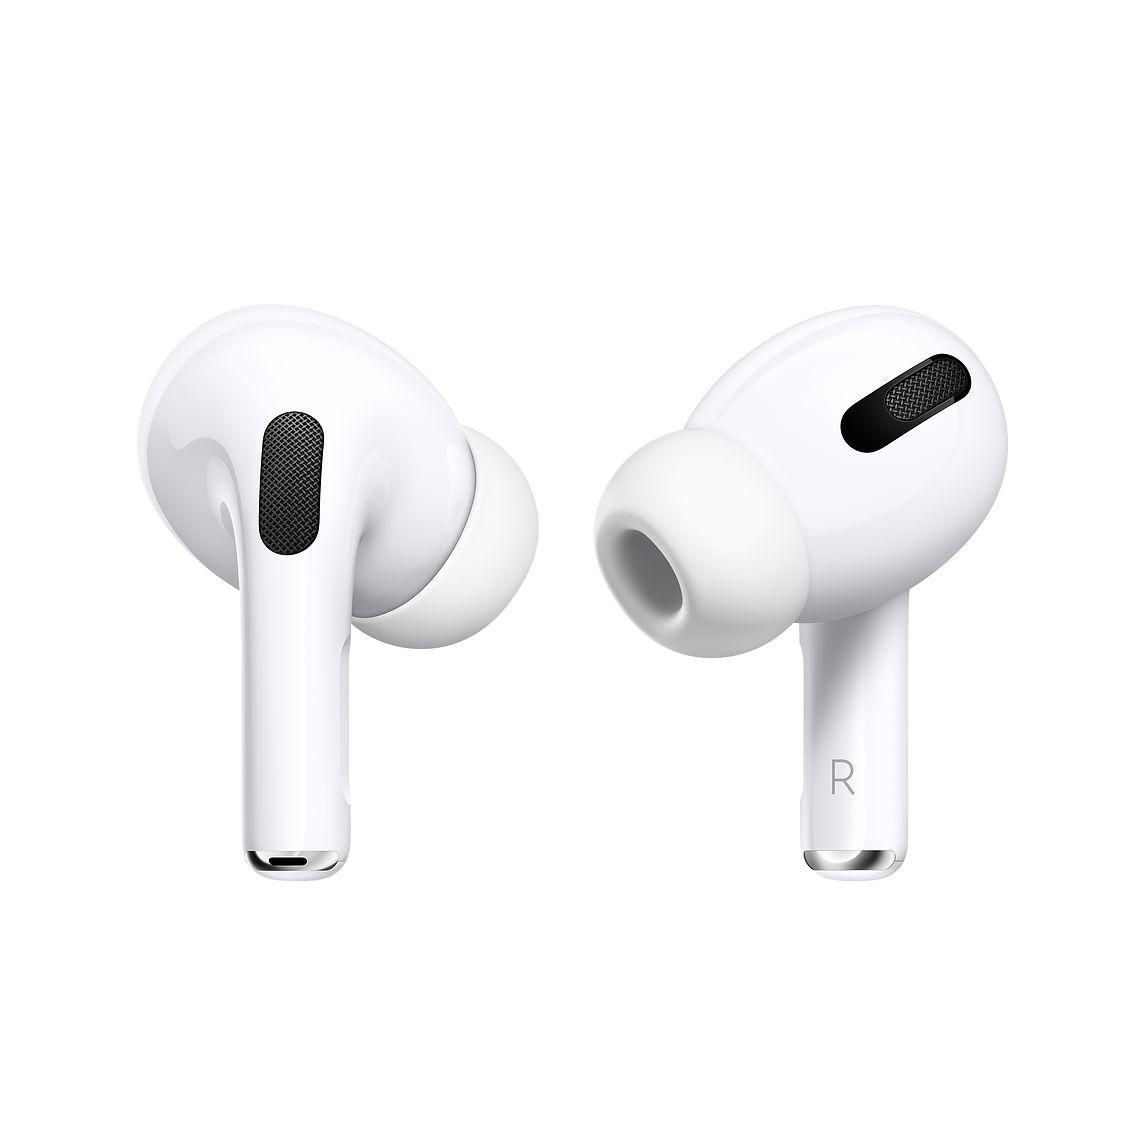 苹果 Apple AirPods Pro  蓝牙无线耳机